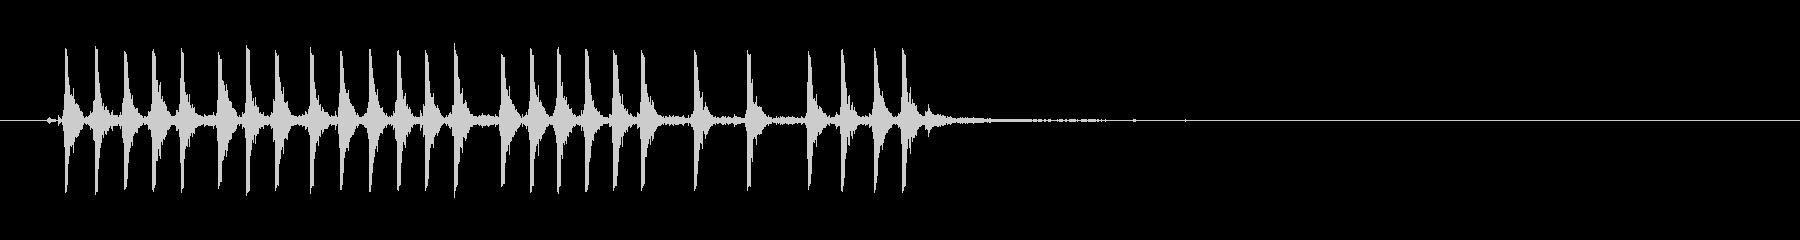 M-240ゴルフマシンガンは、一連...の未再生の波形